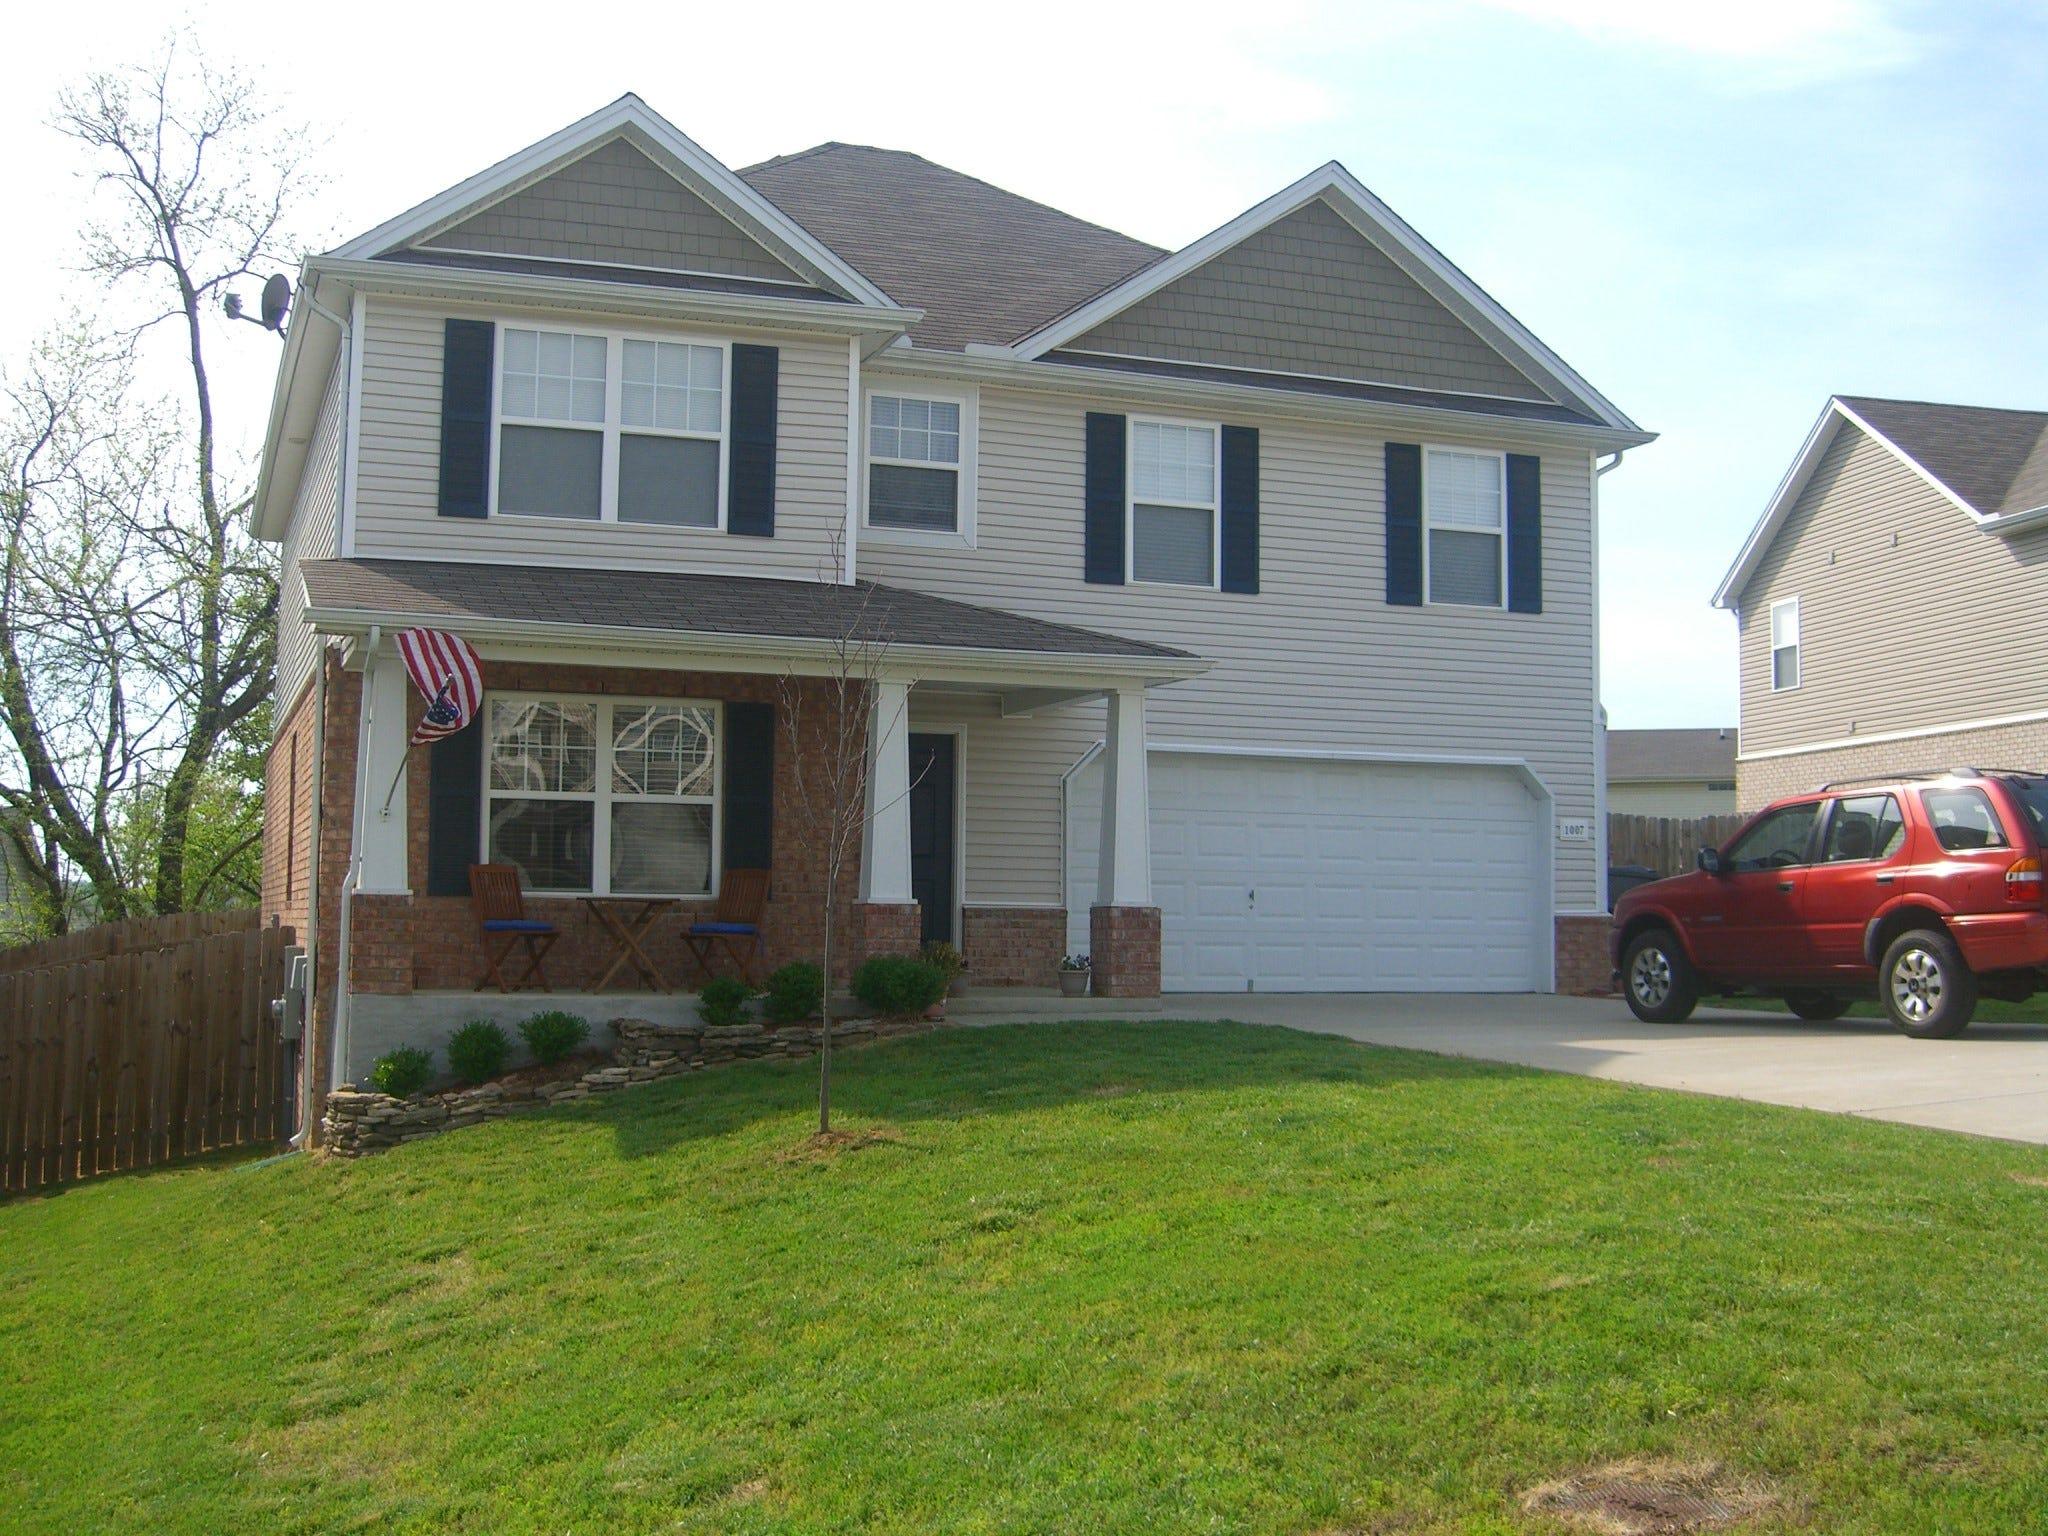 Brian Westerman sold home in Mount Juliet, Tennessee, to Opendoor